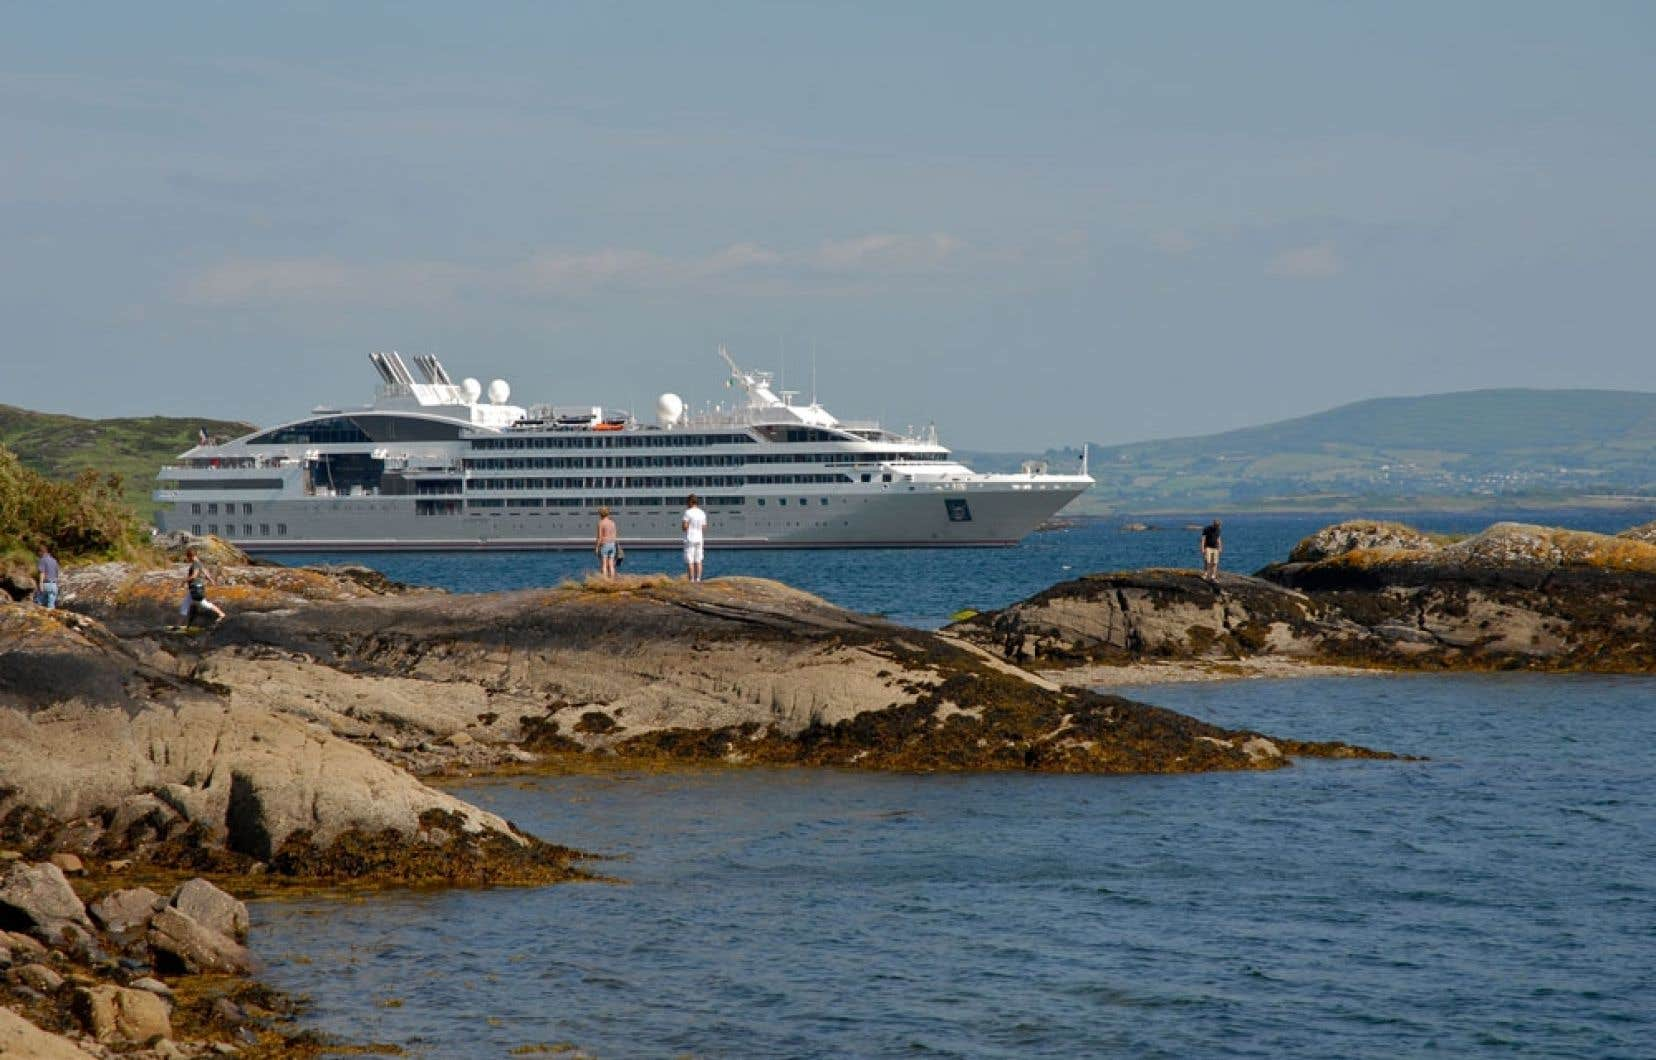 Le Soléal à Glengarriff, en Irlande. Le navire se définit comme un « yacht de croisière ».